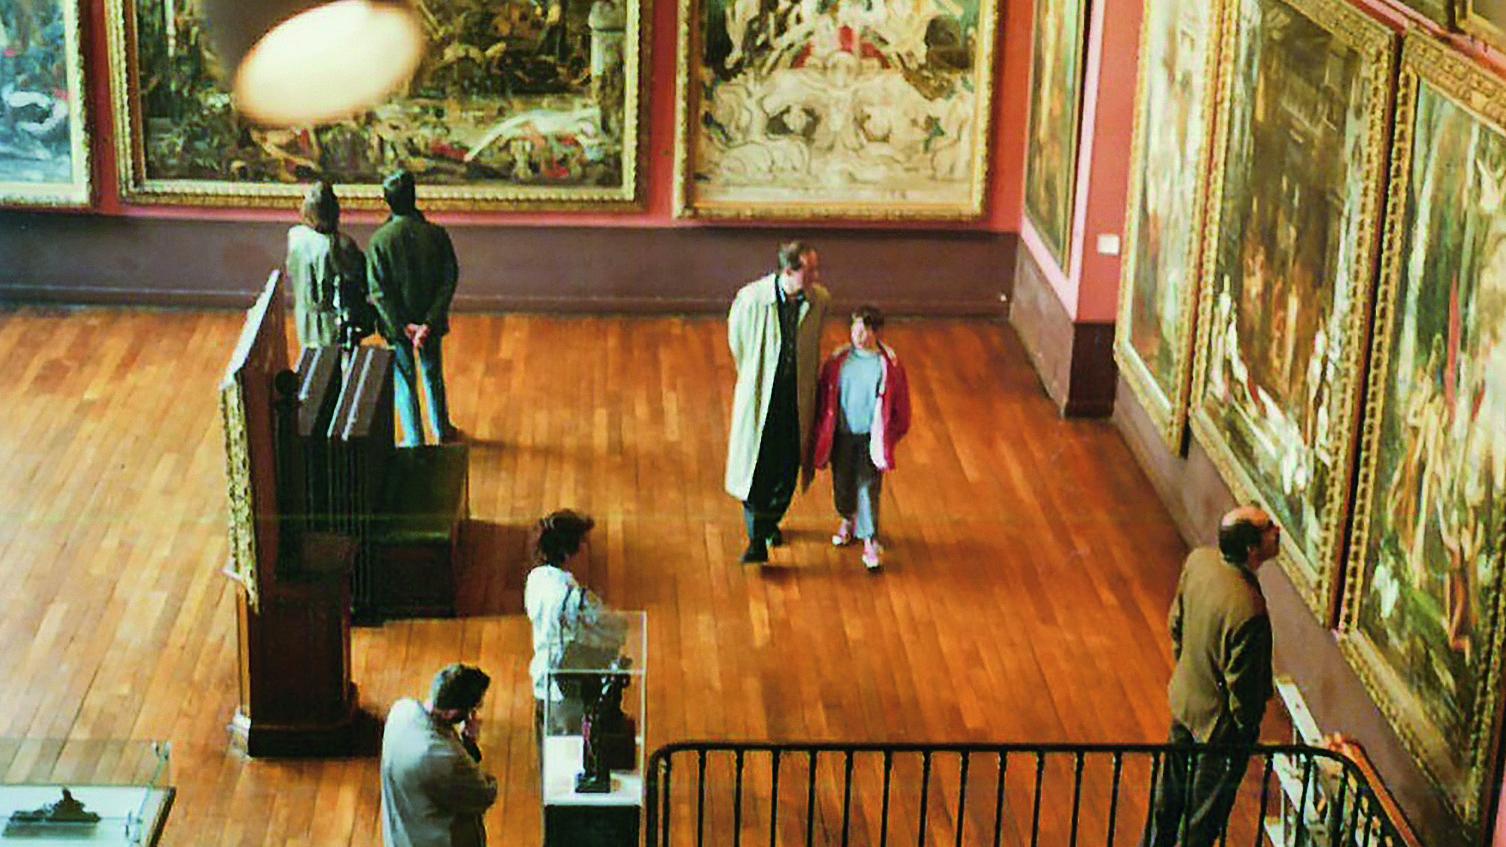 Als Teenager schon ging Johann König mit seinem Vater in Kunstausstellungen